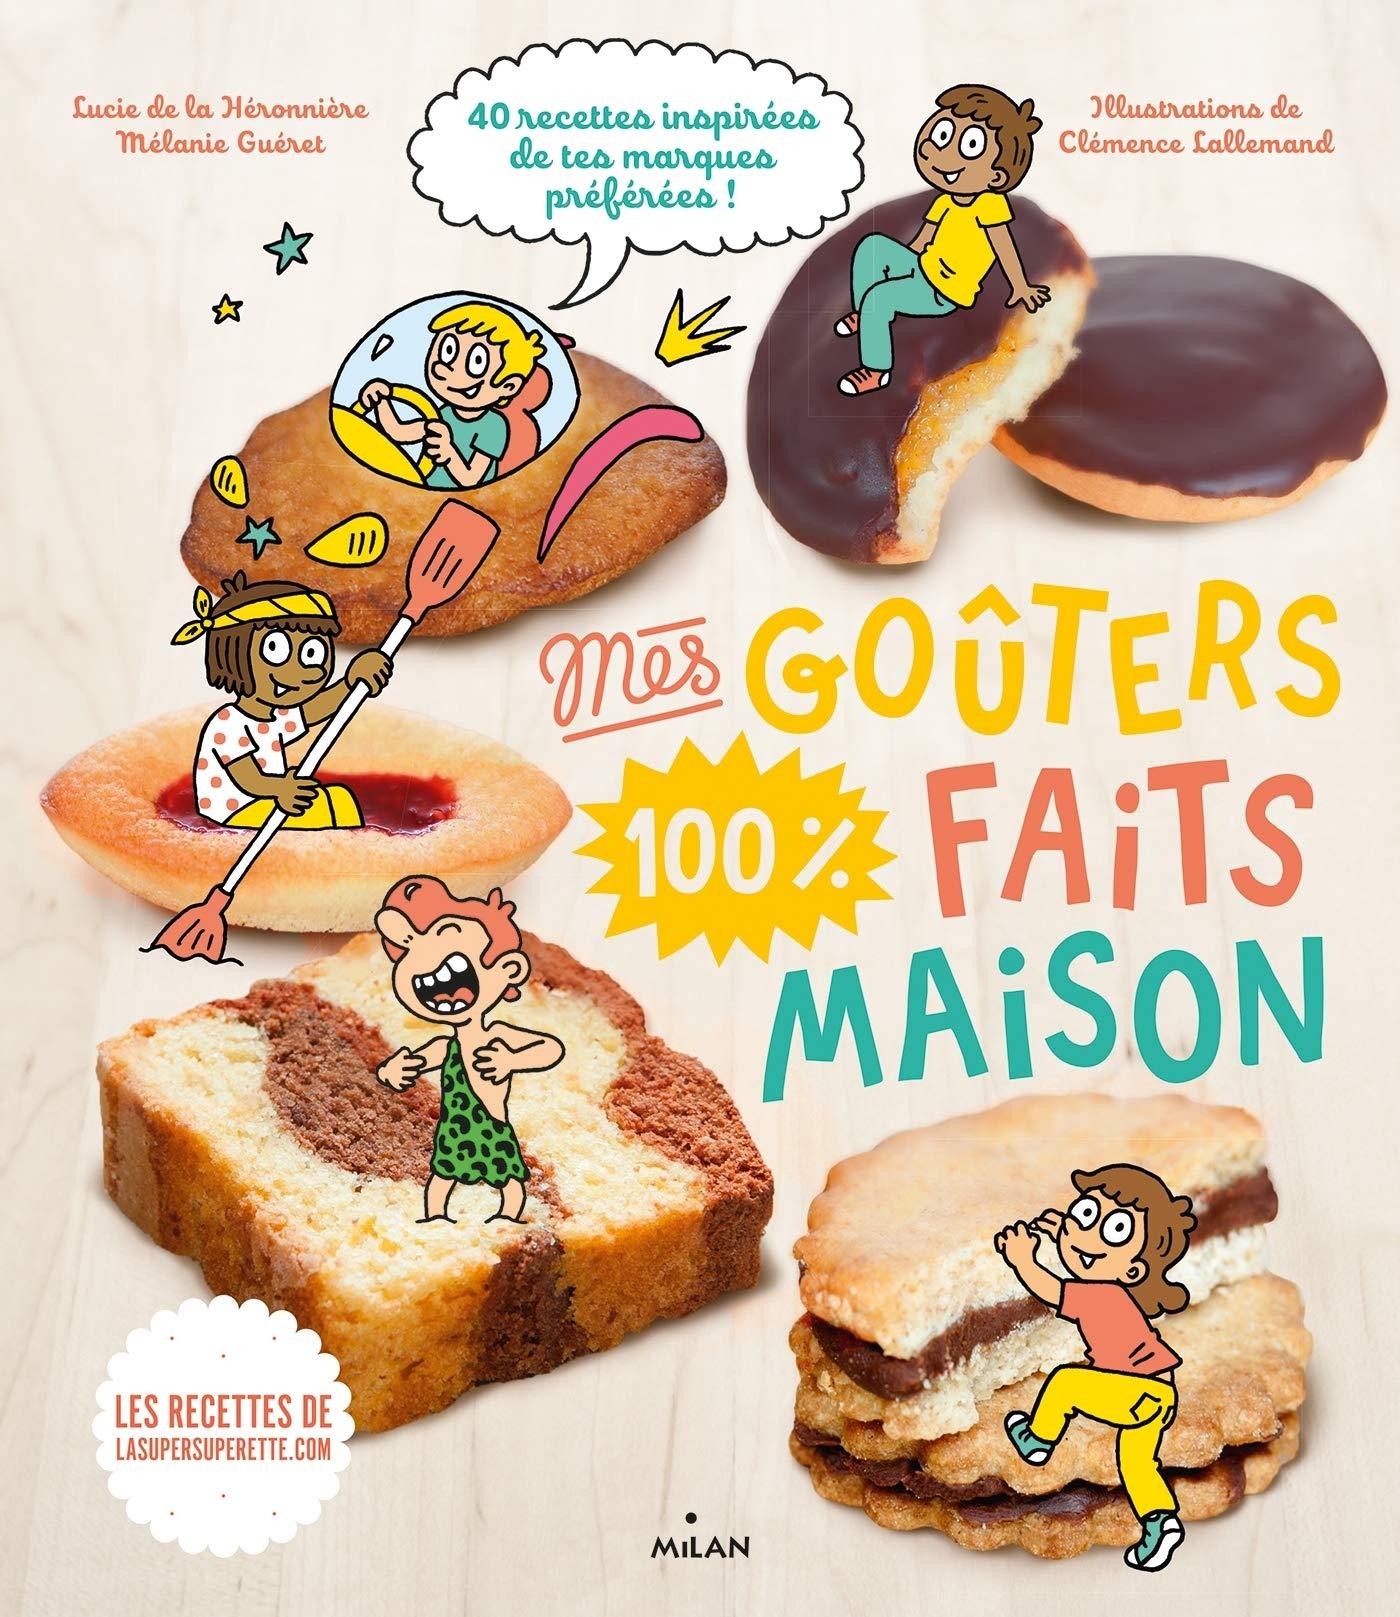 Mes Gouters 100 Faits Maison Recettes 100 Maison Documentaires Cuisine French Edition De La Heronniere Lucie Gueret Melanie Lallemand Clemence 9782408008932 Amazon Com Books